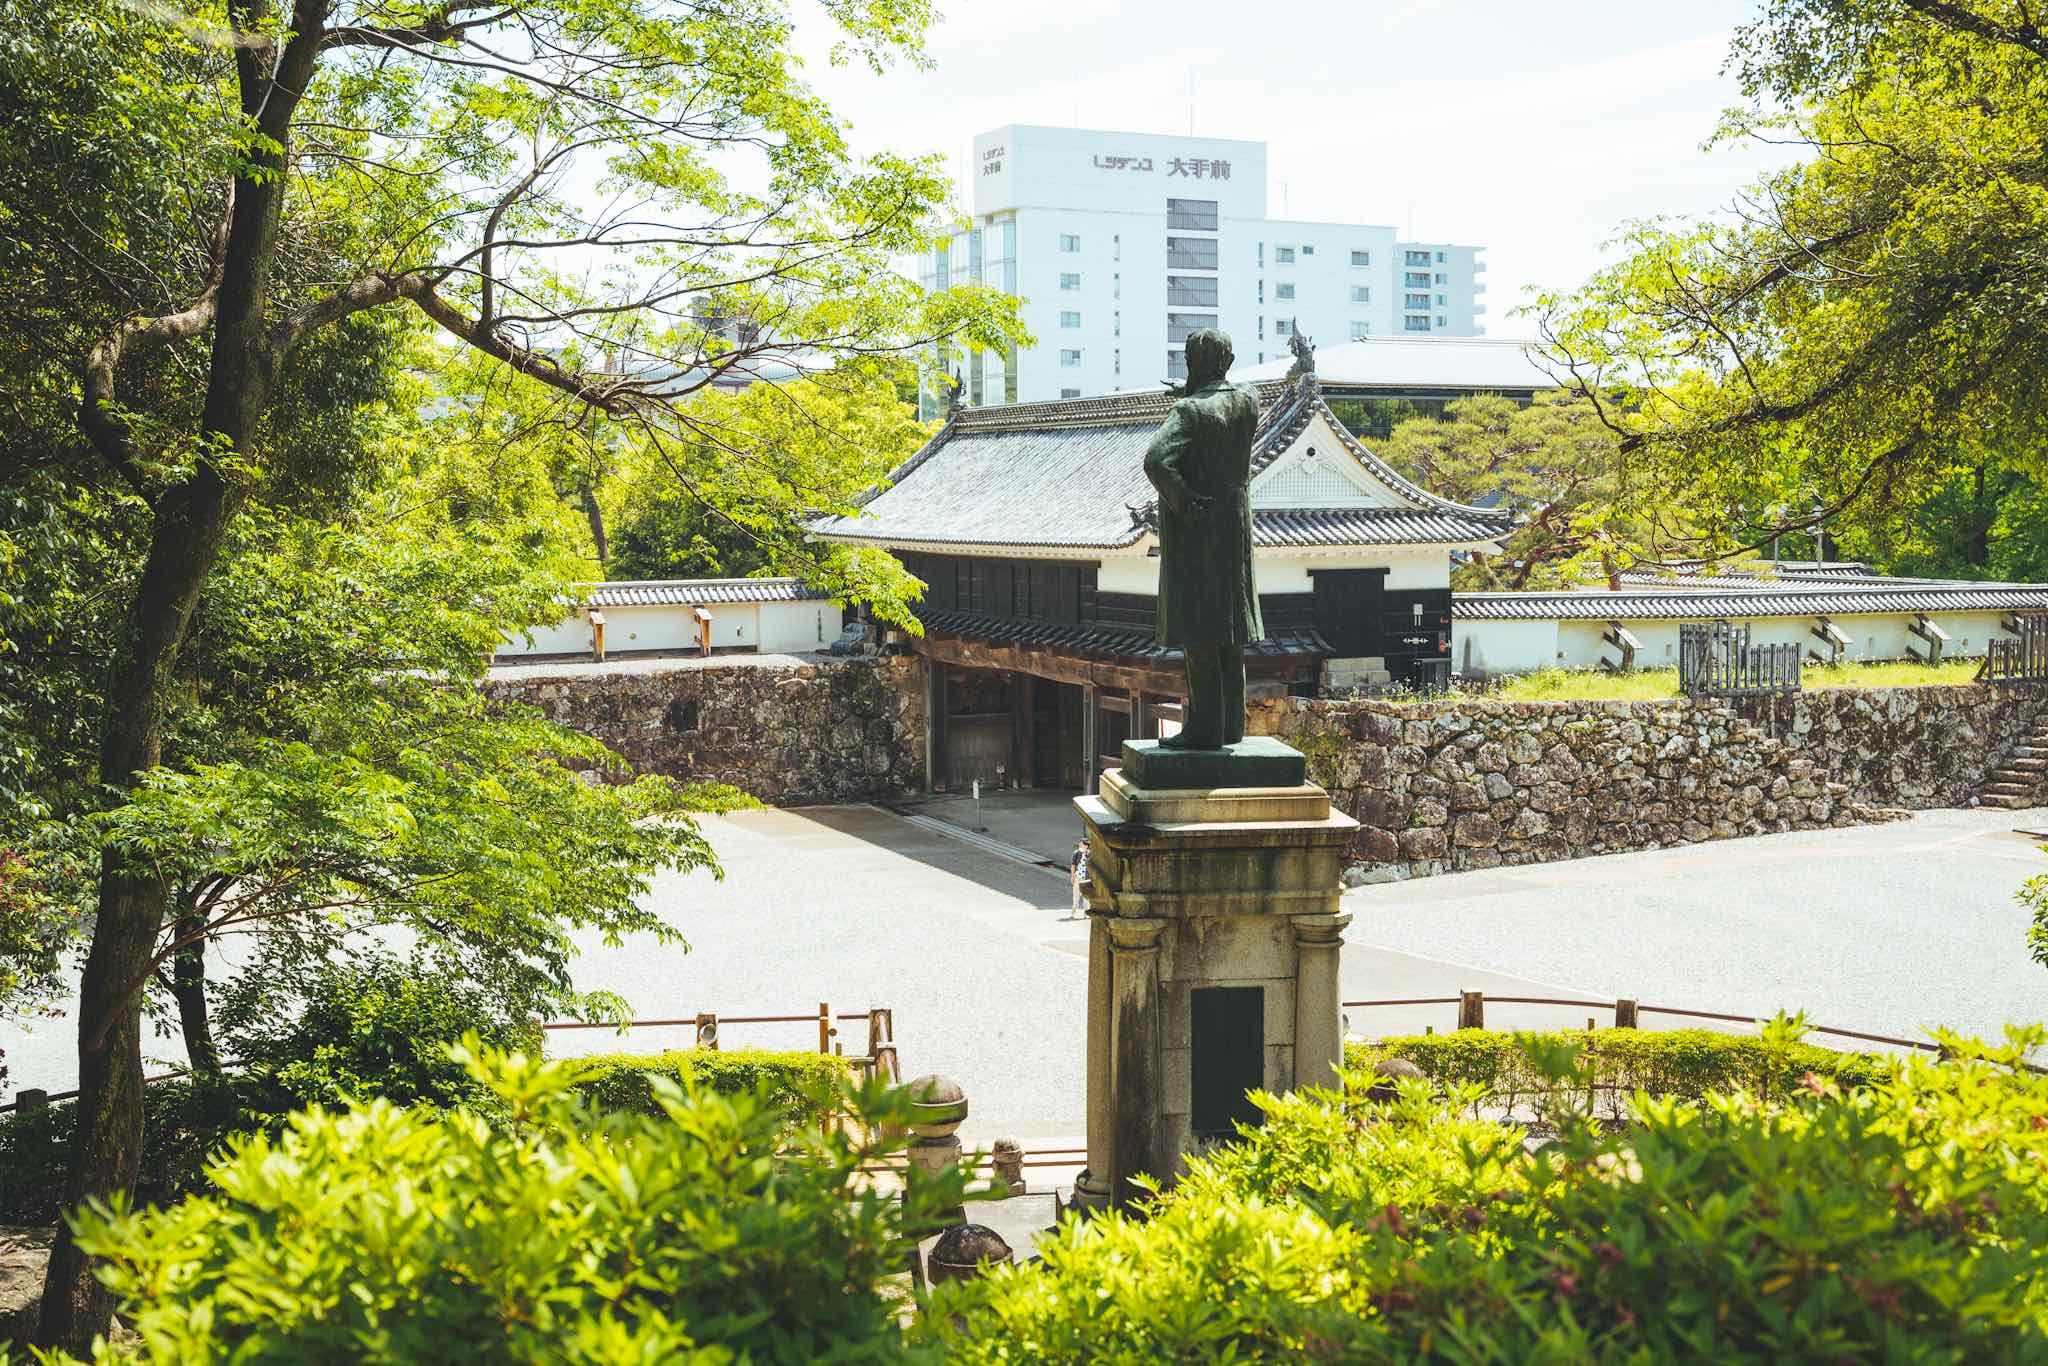 【高知日帰り旅】「気品と威厳」 国宝高知城へ